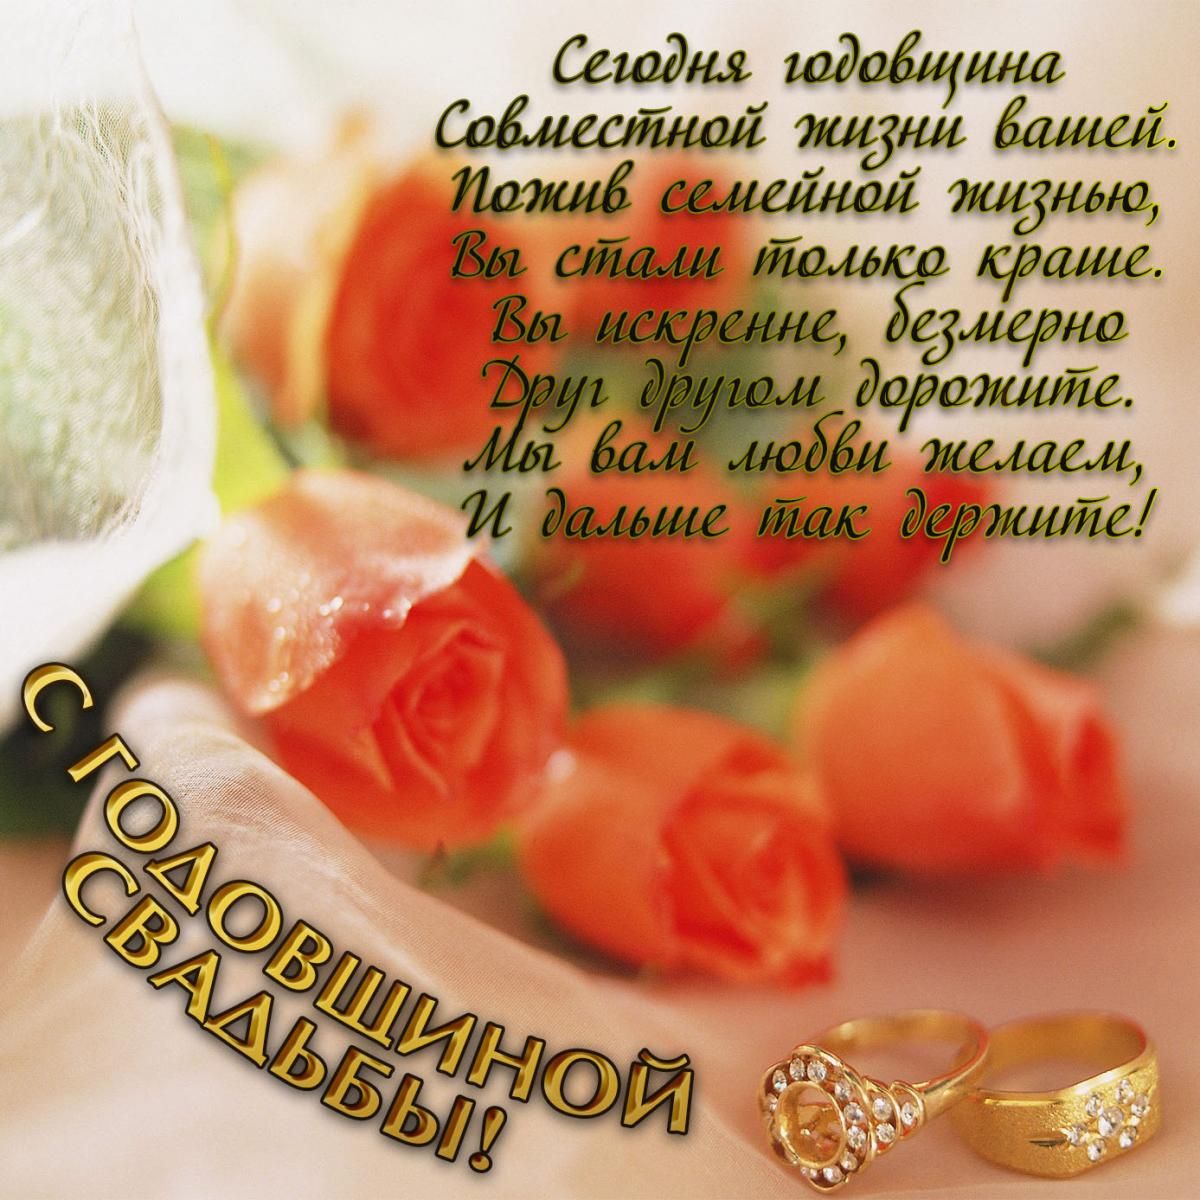 С годовщиной свадьбы картинки / фото cardrise.ru